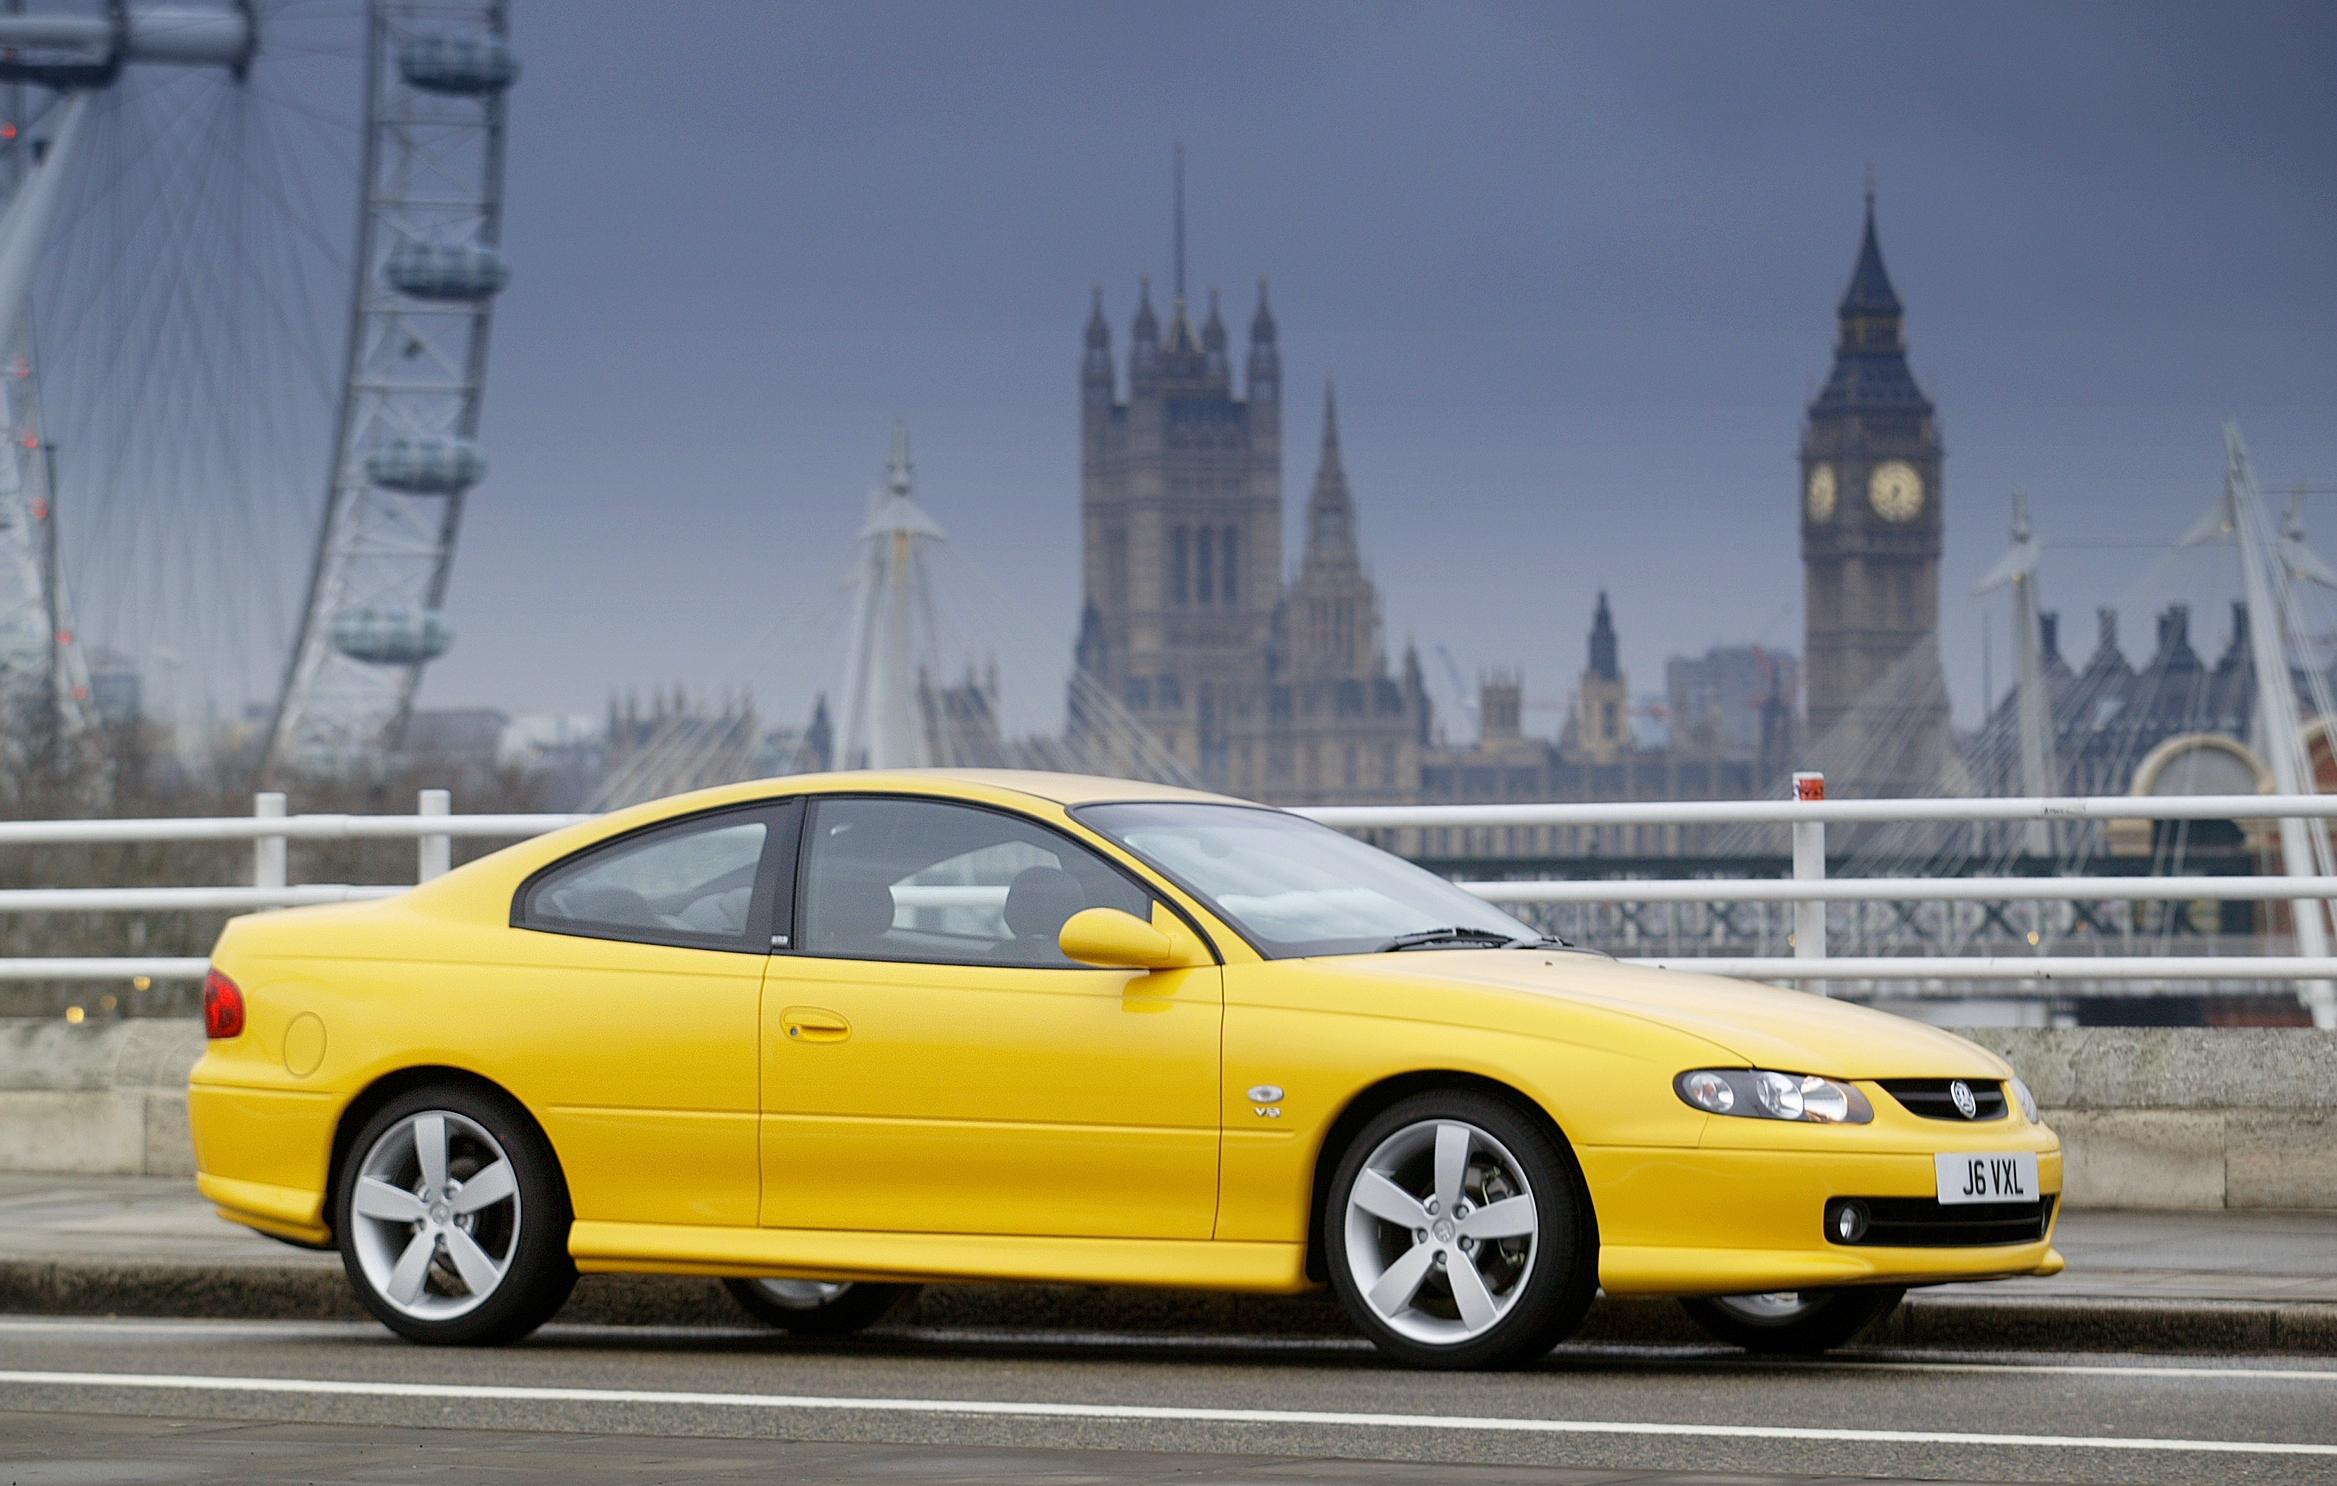 Vauxhall Monaro yellow